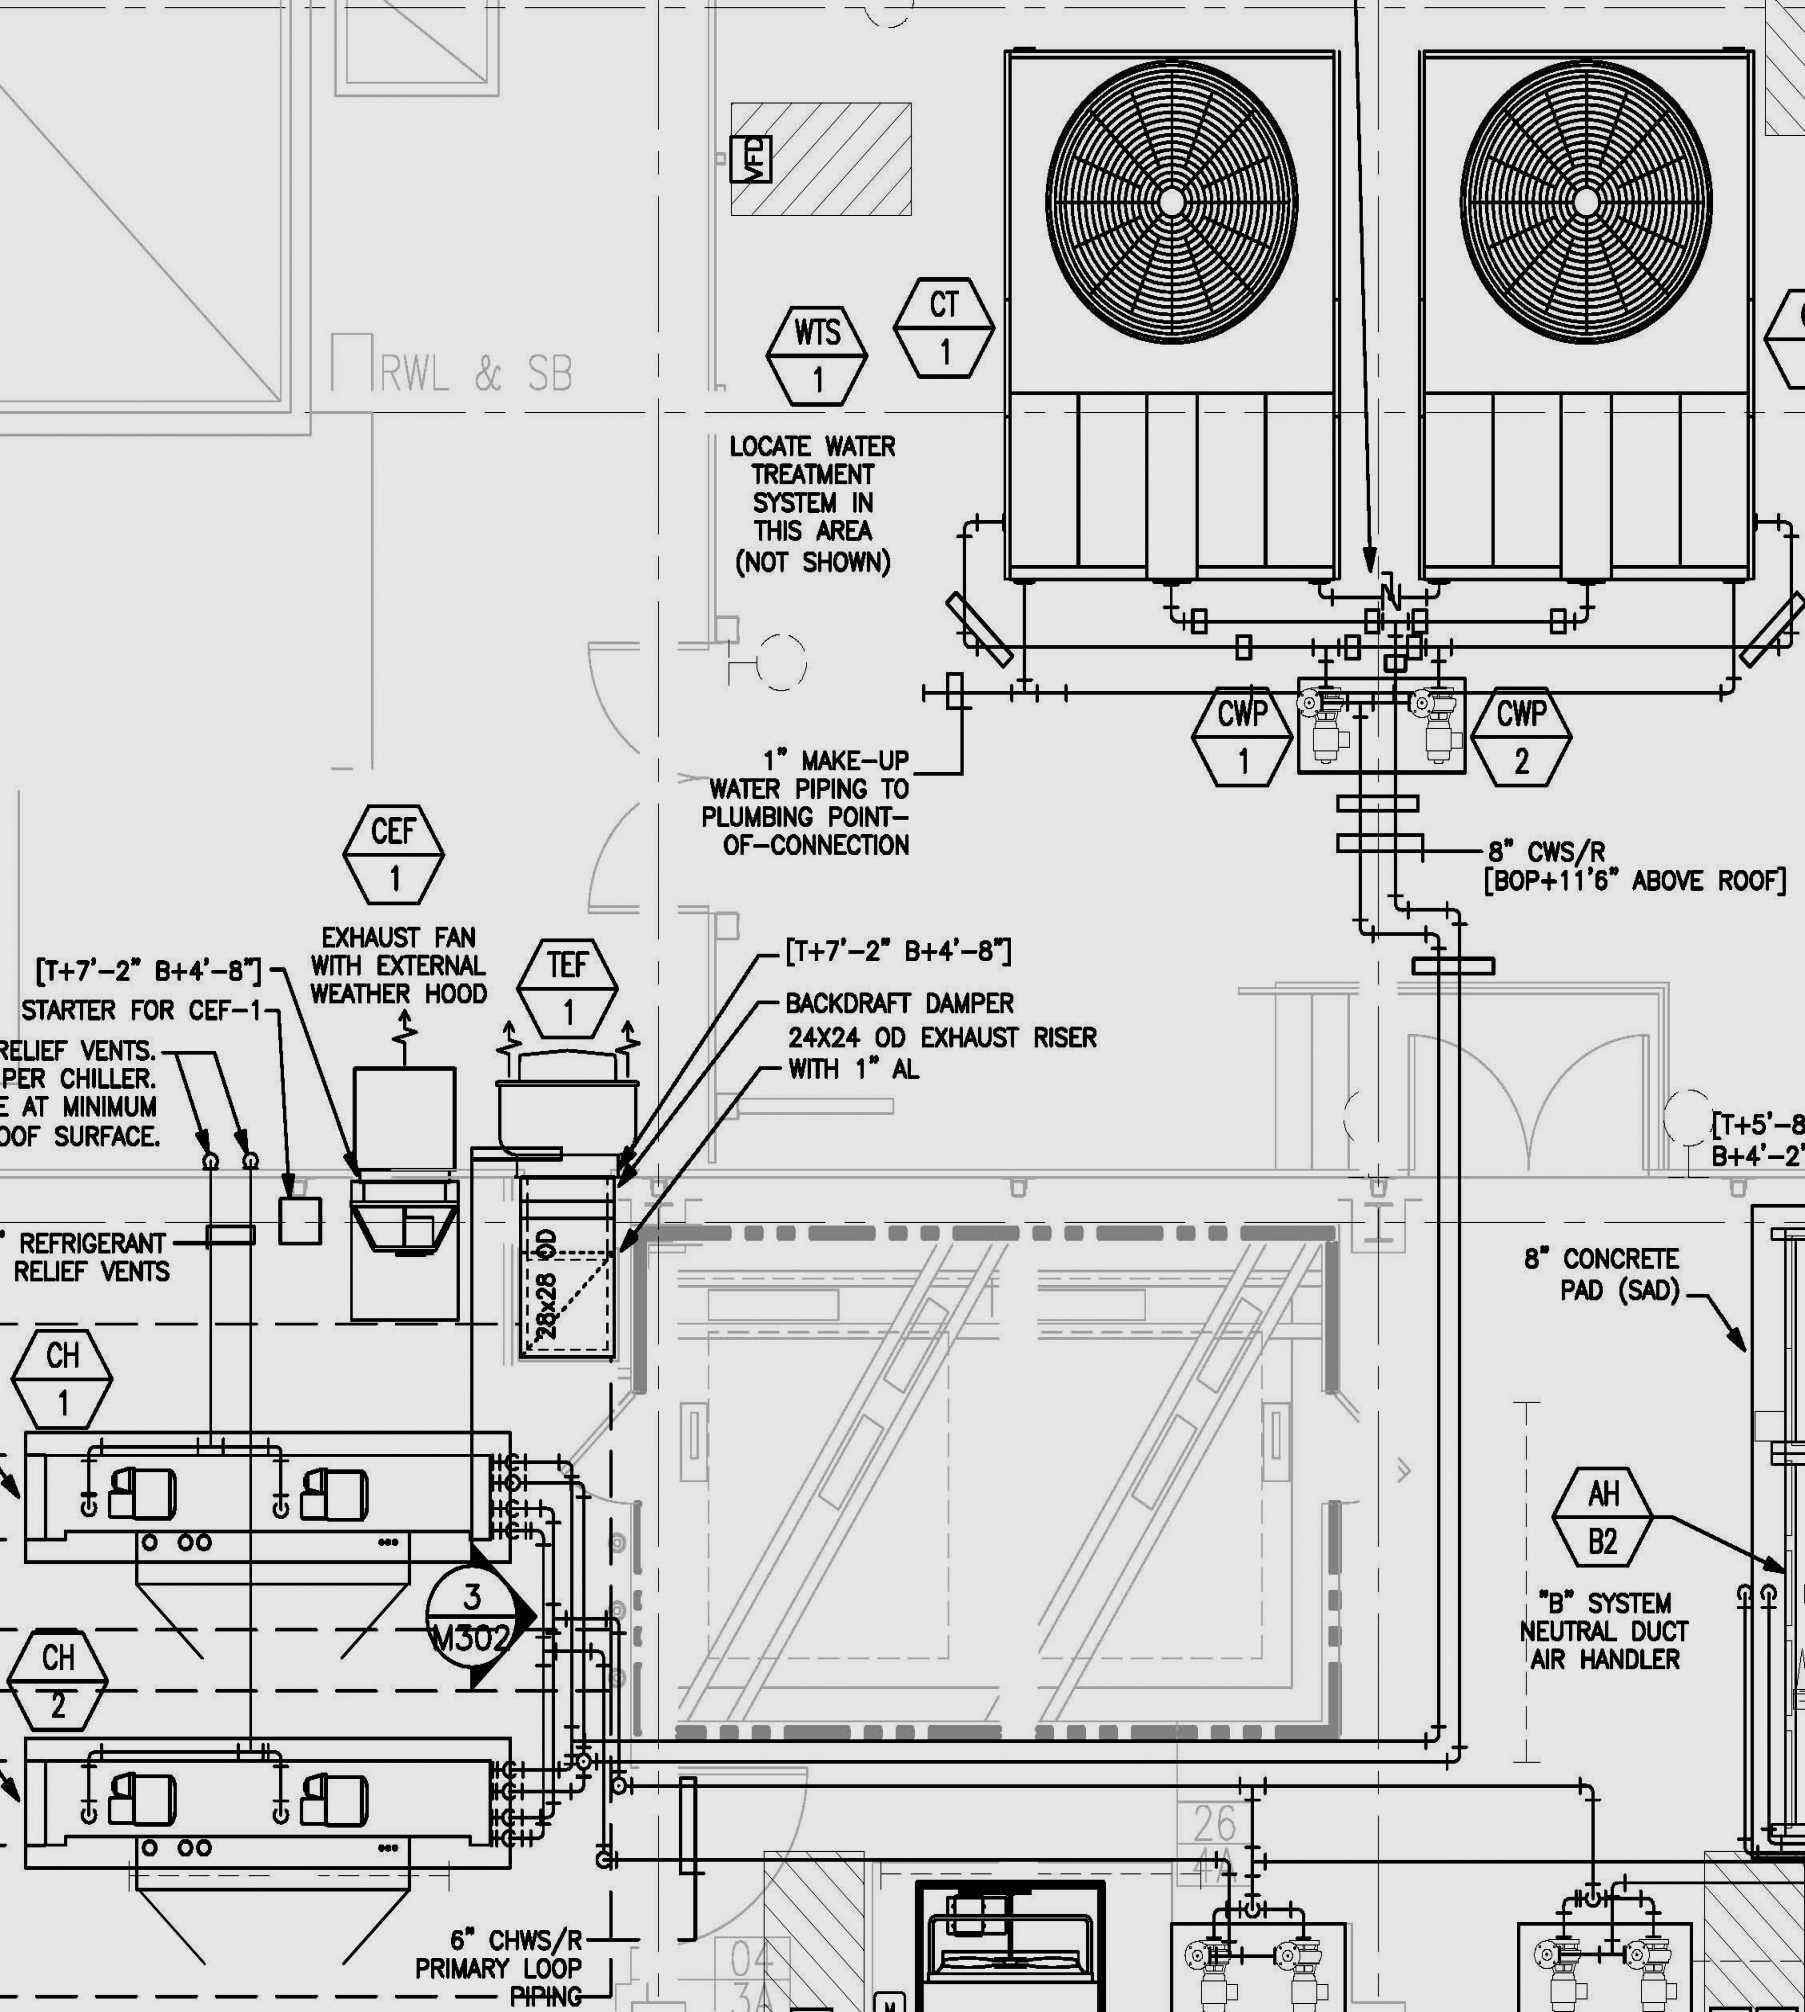 Unique Walk In Freezer Defrost Timer Wiring Diagram